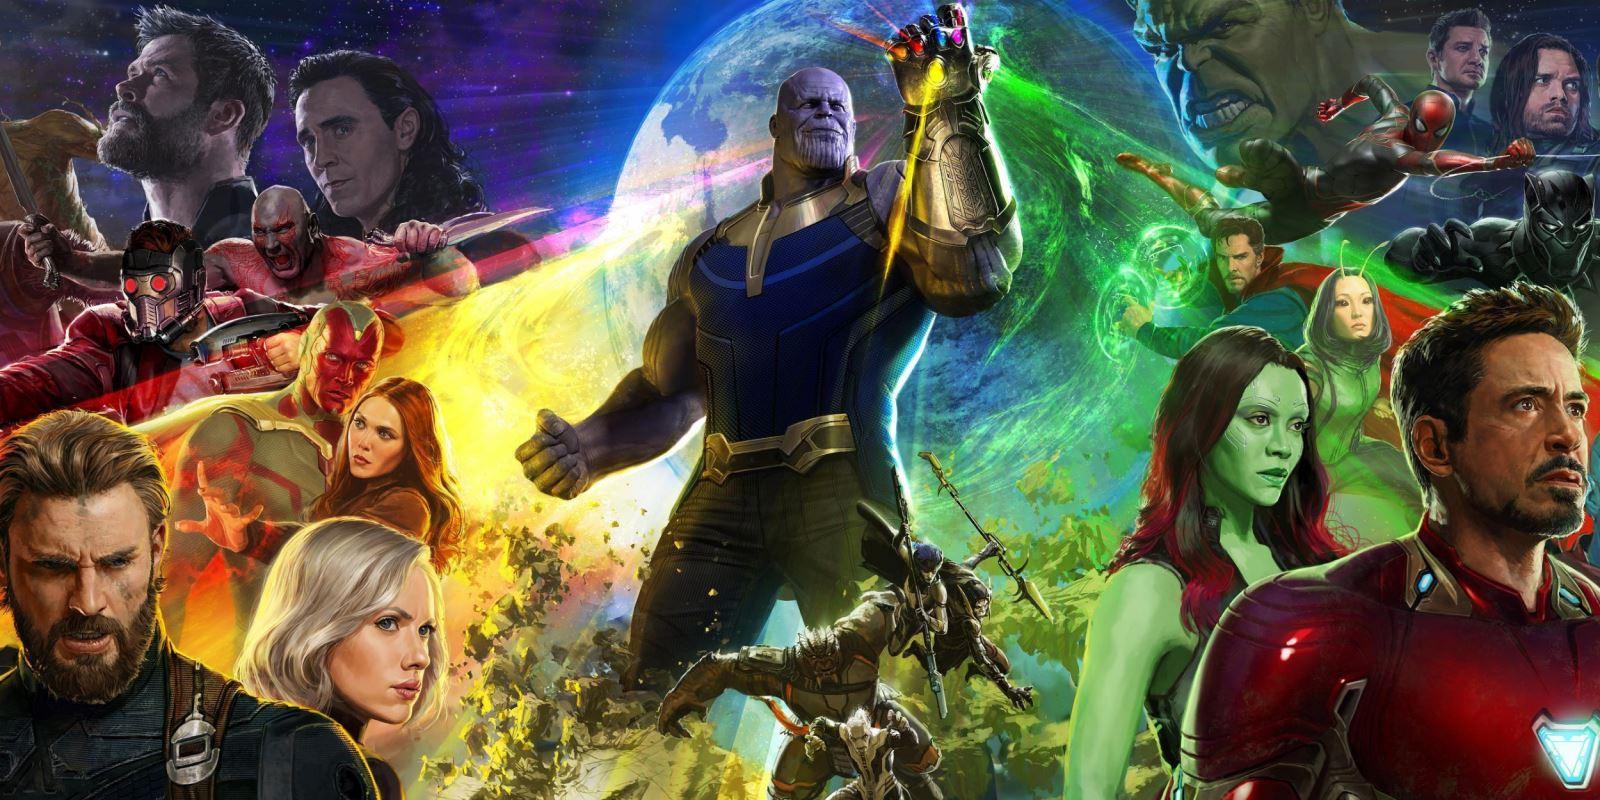 Chàng cung thủ Hawkeye sẽ quay lại trong Avengers 4 - Ảnh 1.